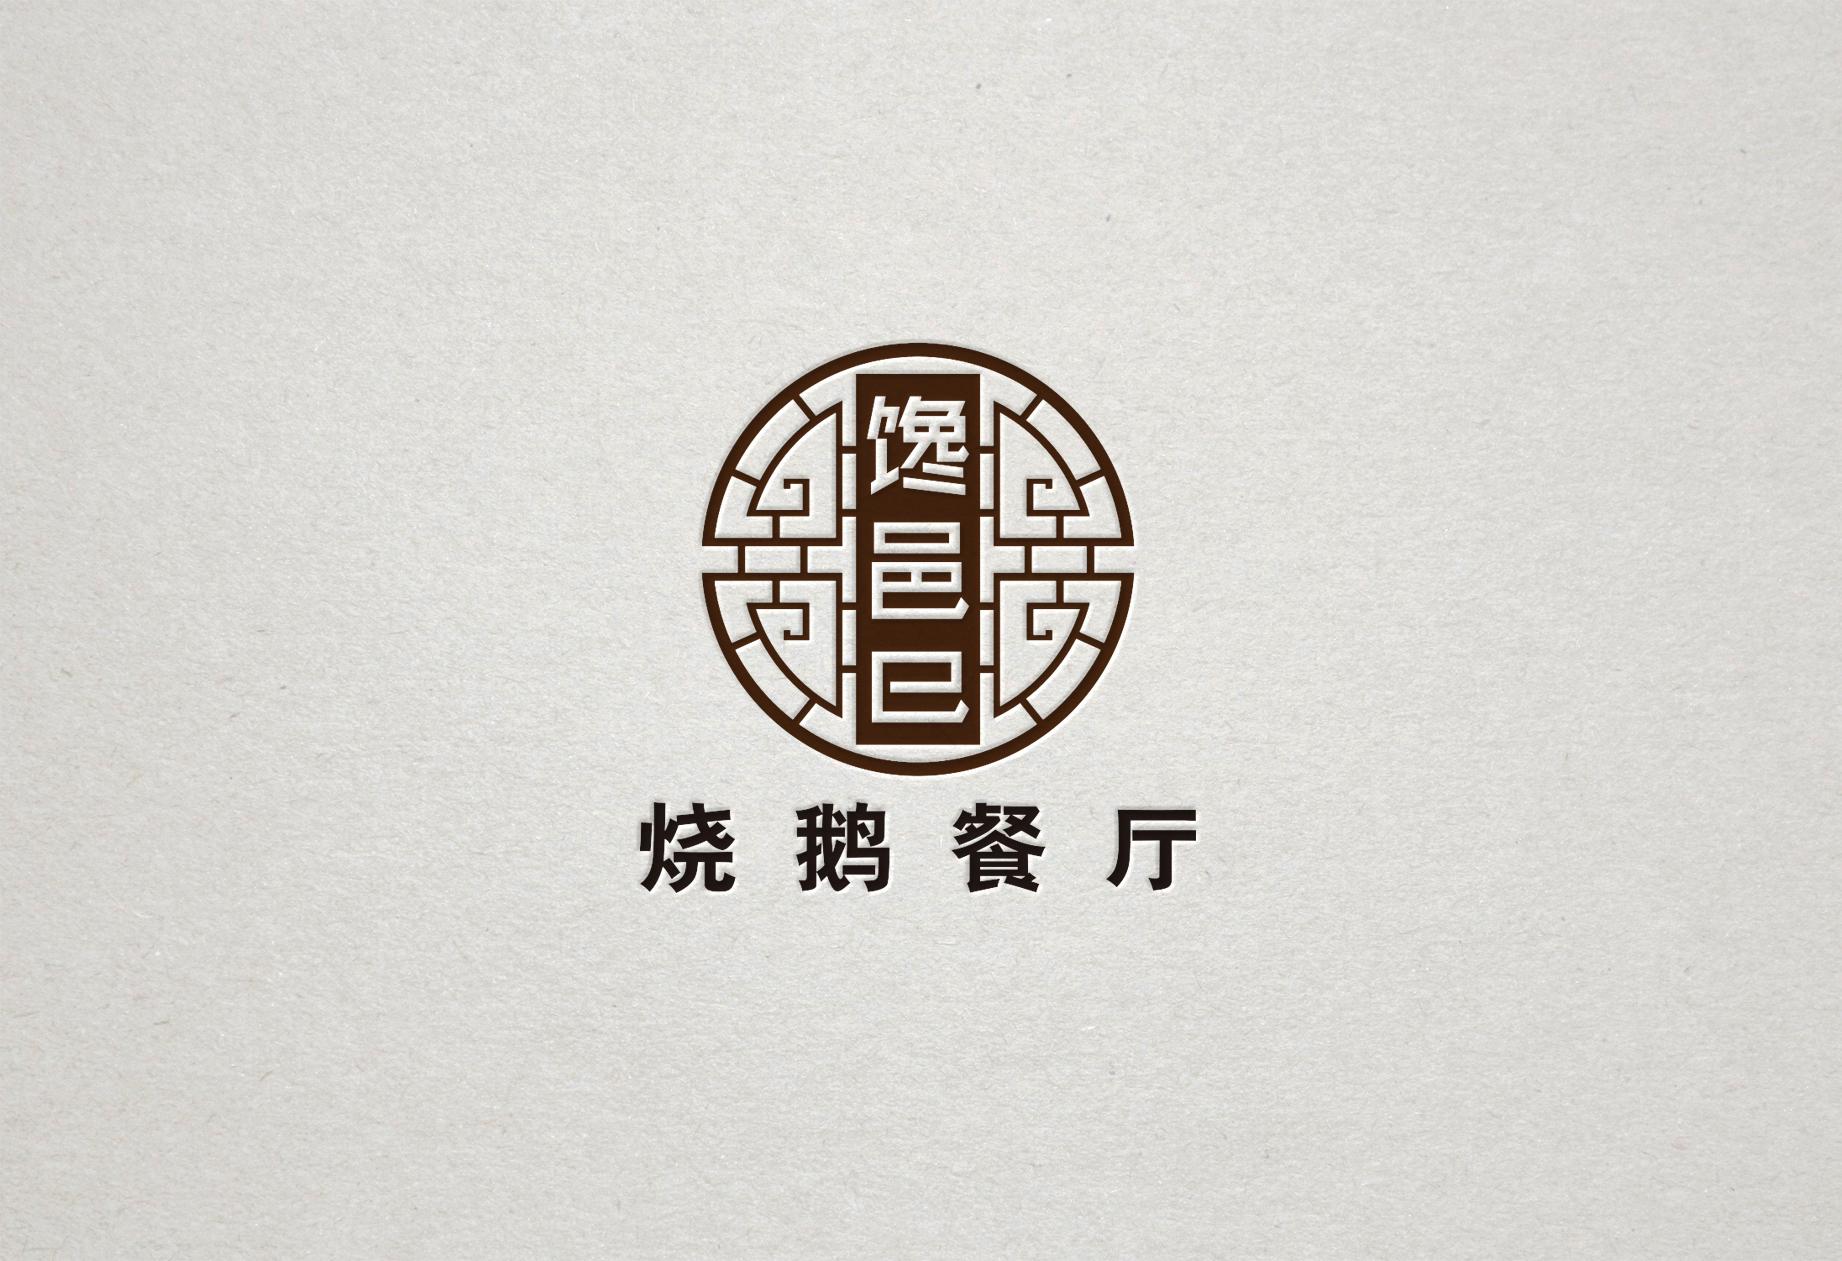 商标Logo设计_3033199_k68威客网